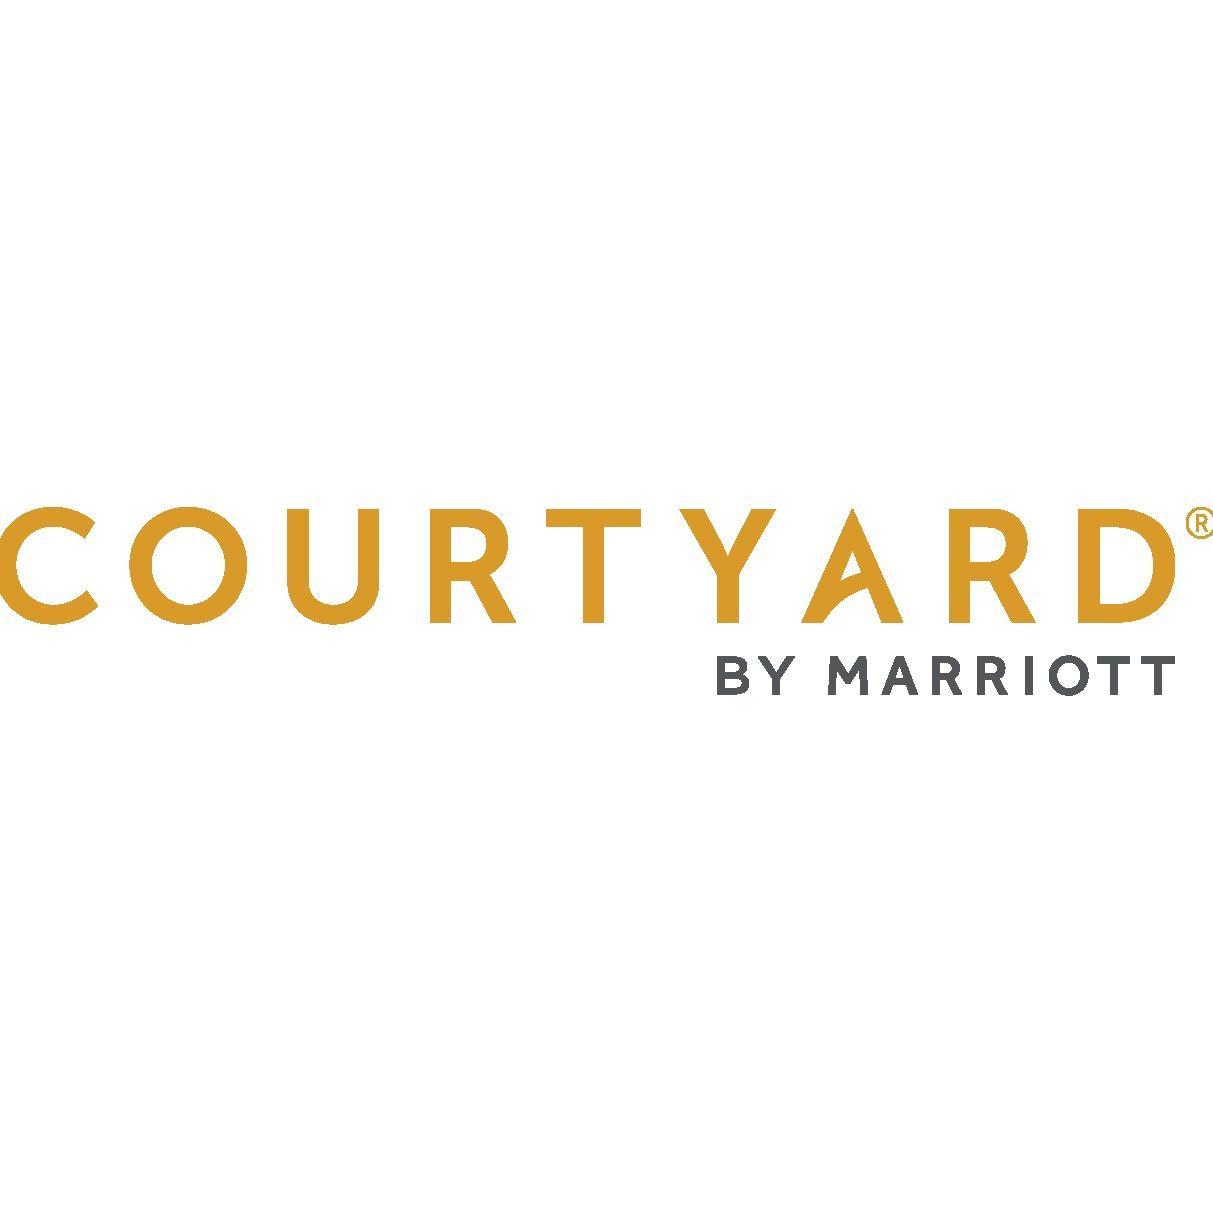 Courtyard by Marriott Nashville Vanderbilt/West End